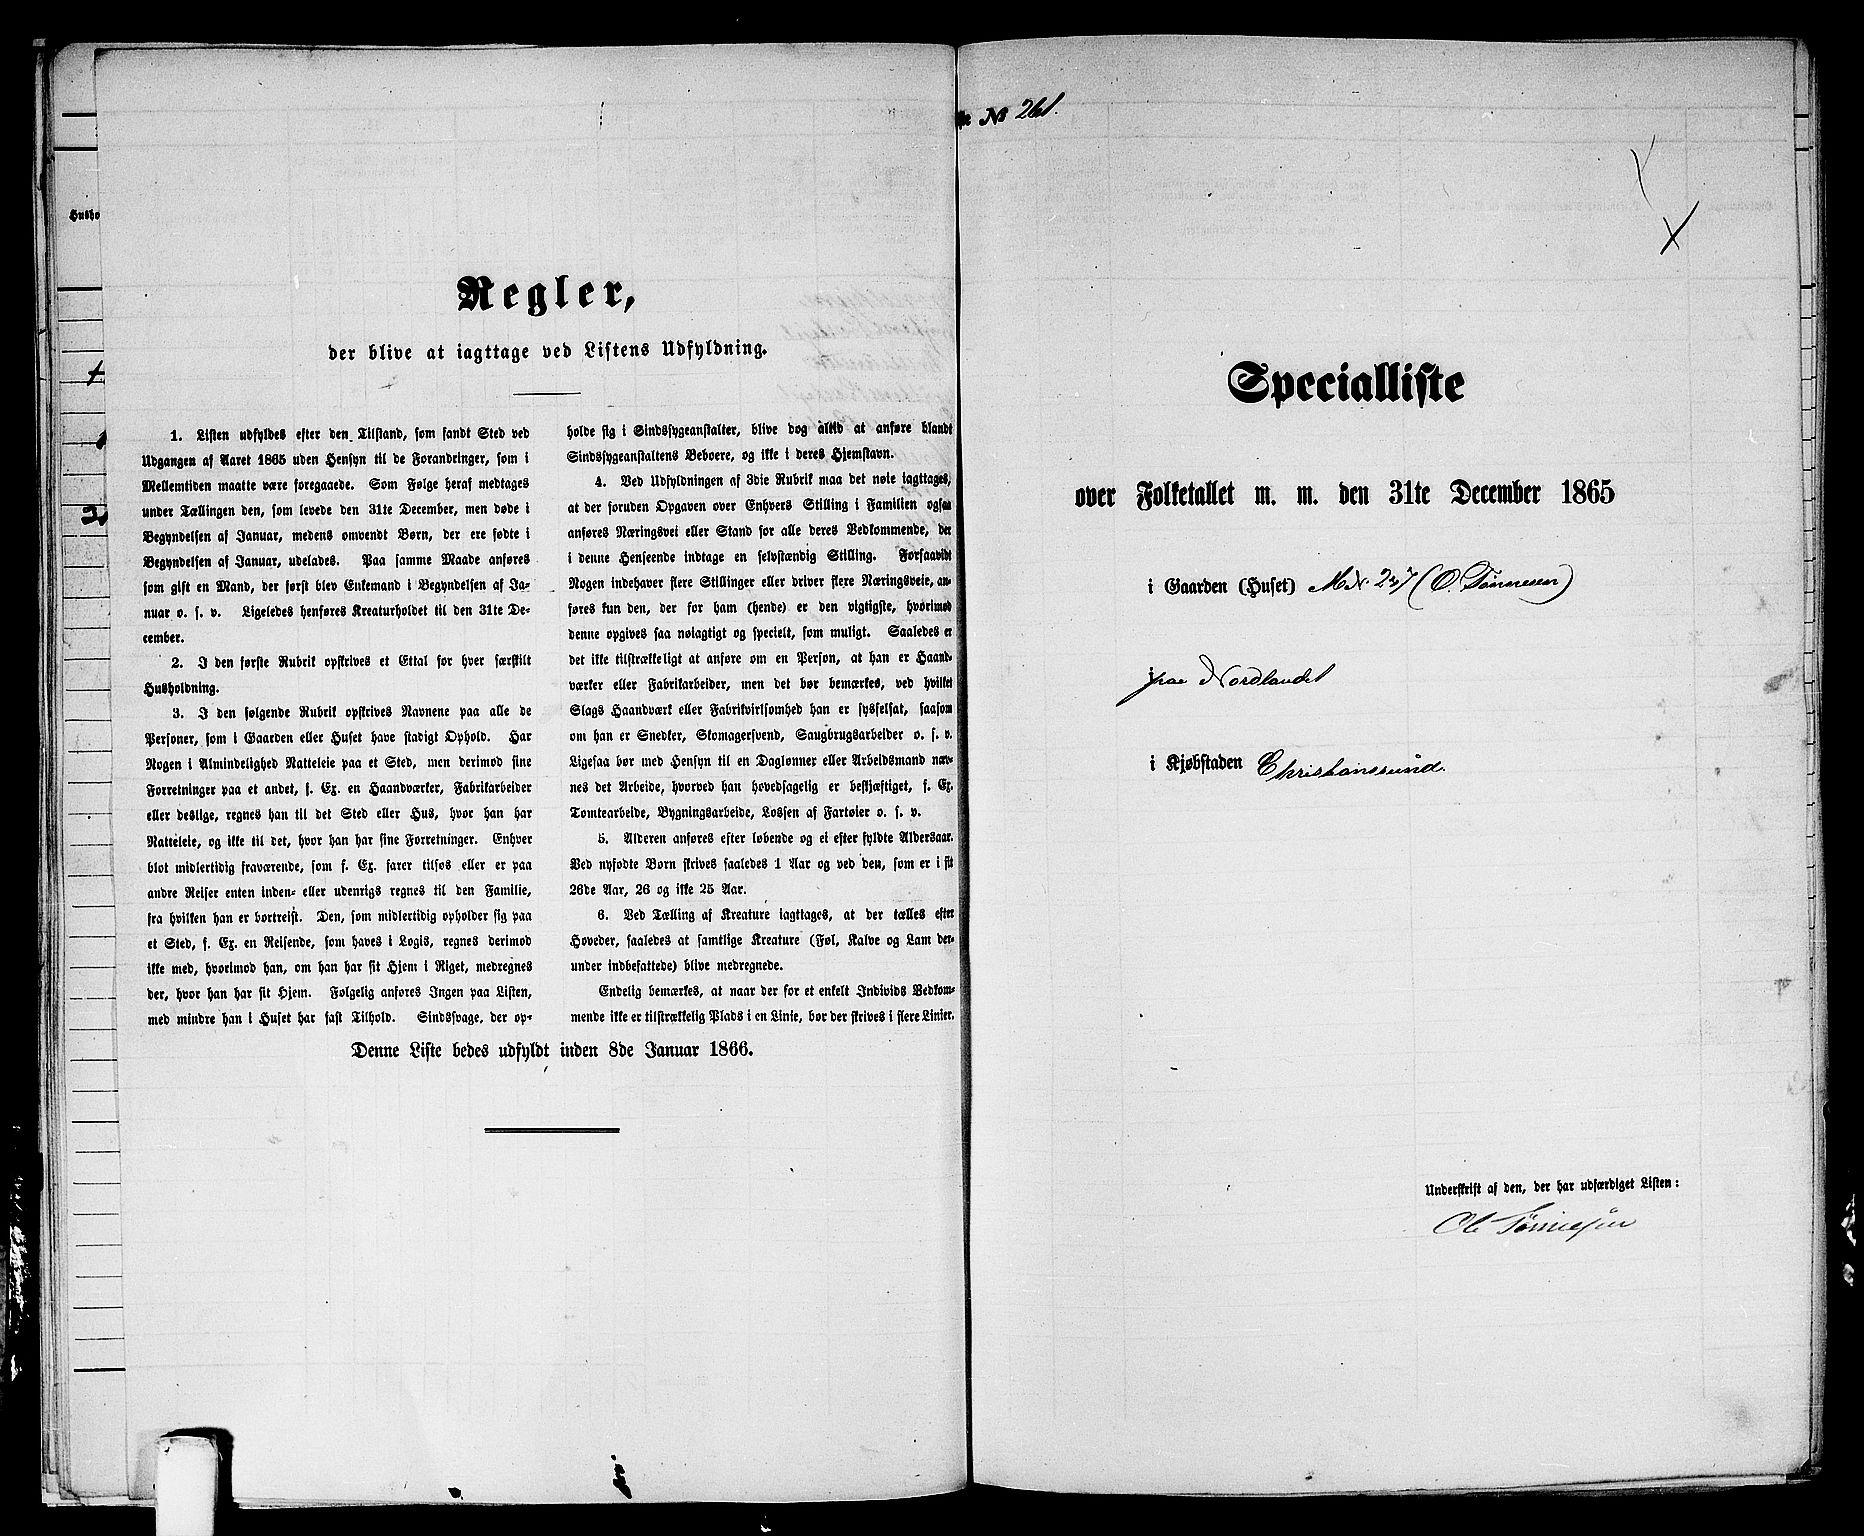 RA, Folketelling 1865 for 1503B Kristiansund prestegjeld, Kristiansund kjøpstad, 1865, s. 535